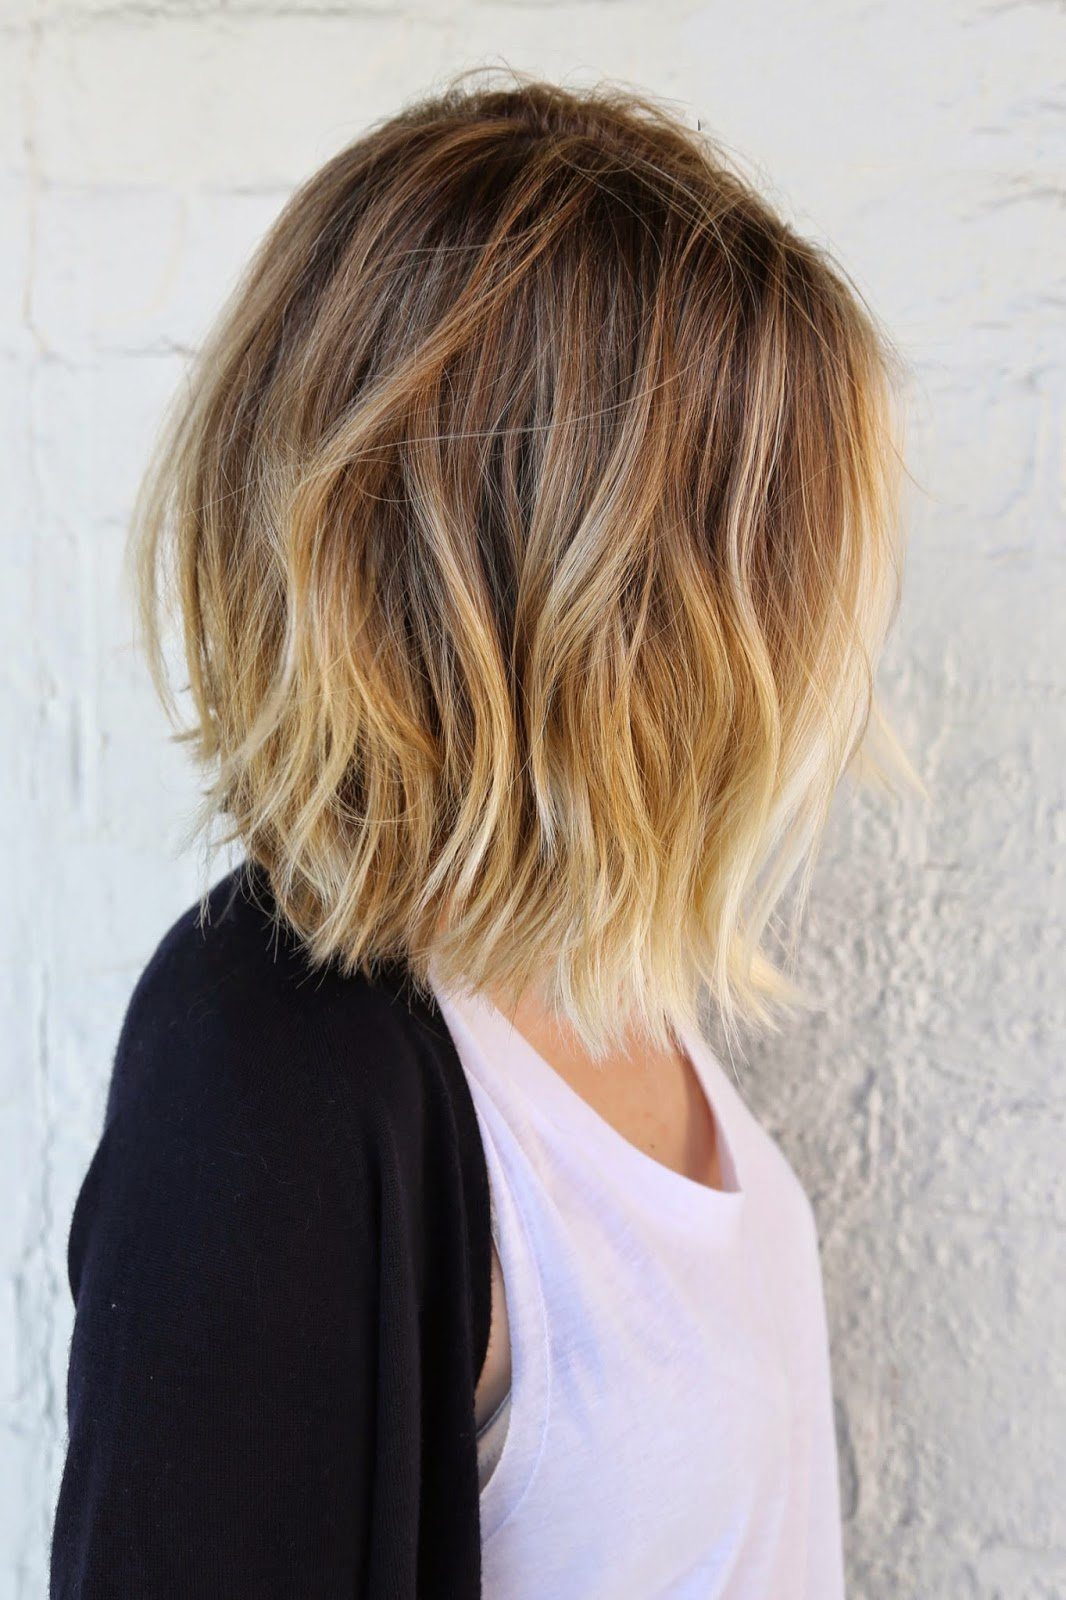 15 Cortes de pelo para cambiar de look definitivamente